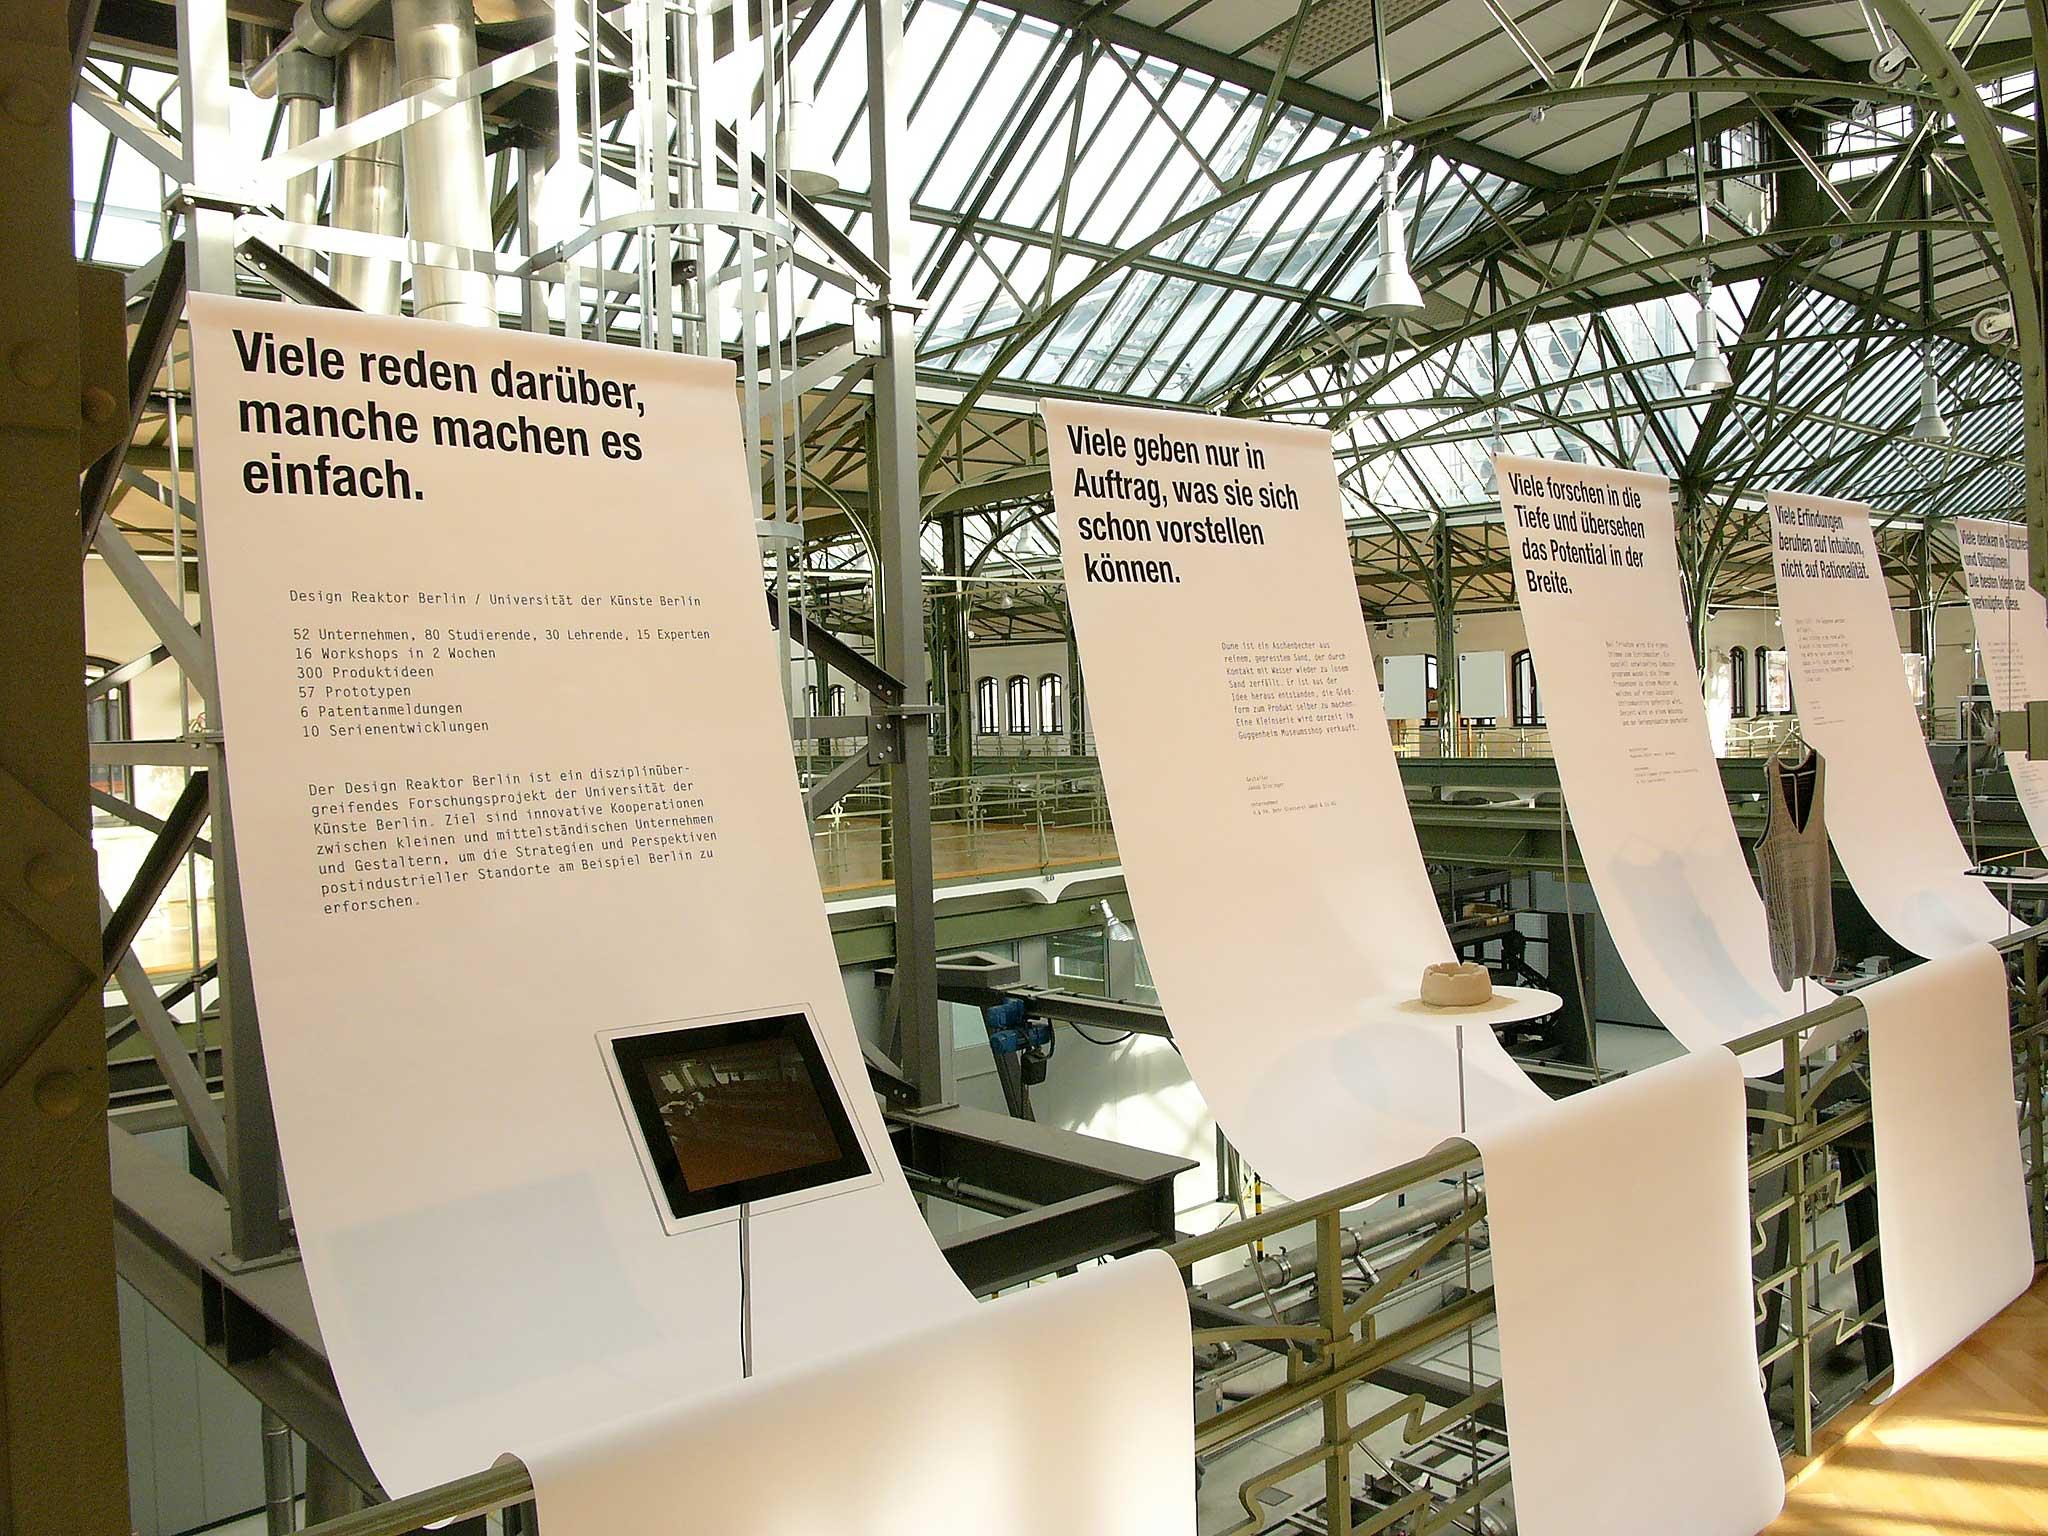 Design Reaktor Berlin, Bundesverband der deutschen Industrie, 2007